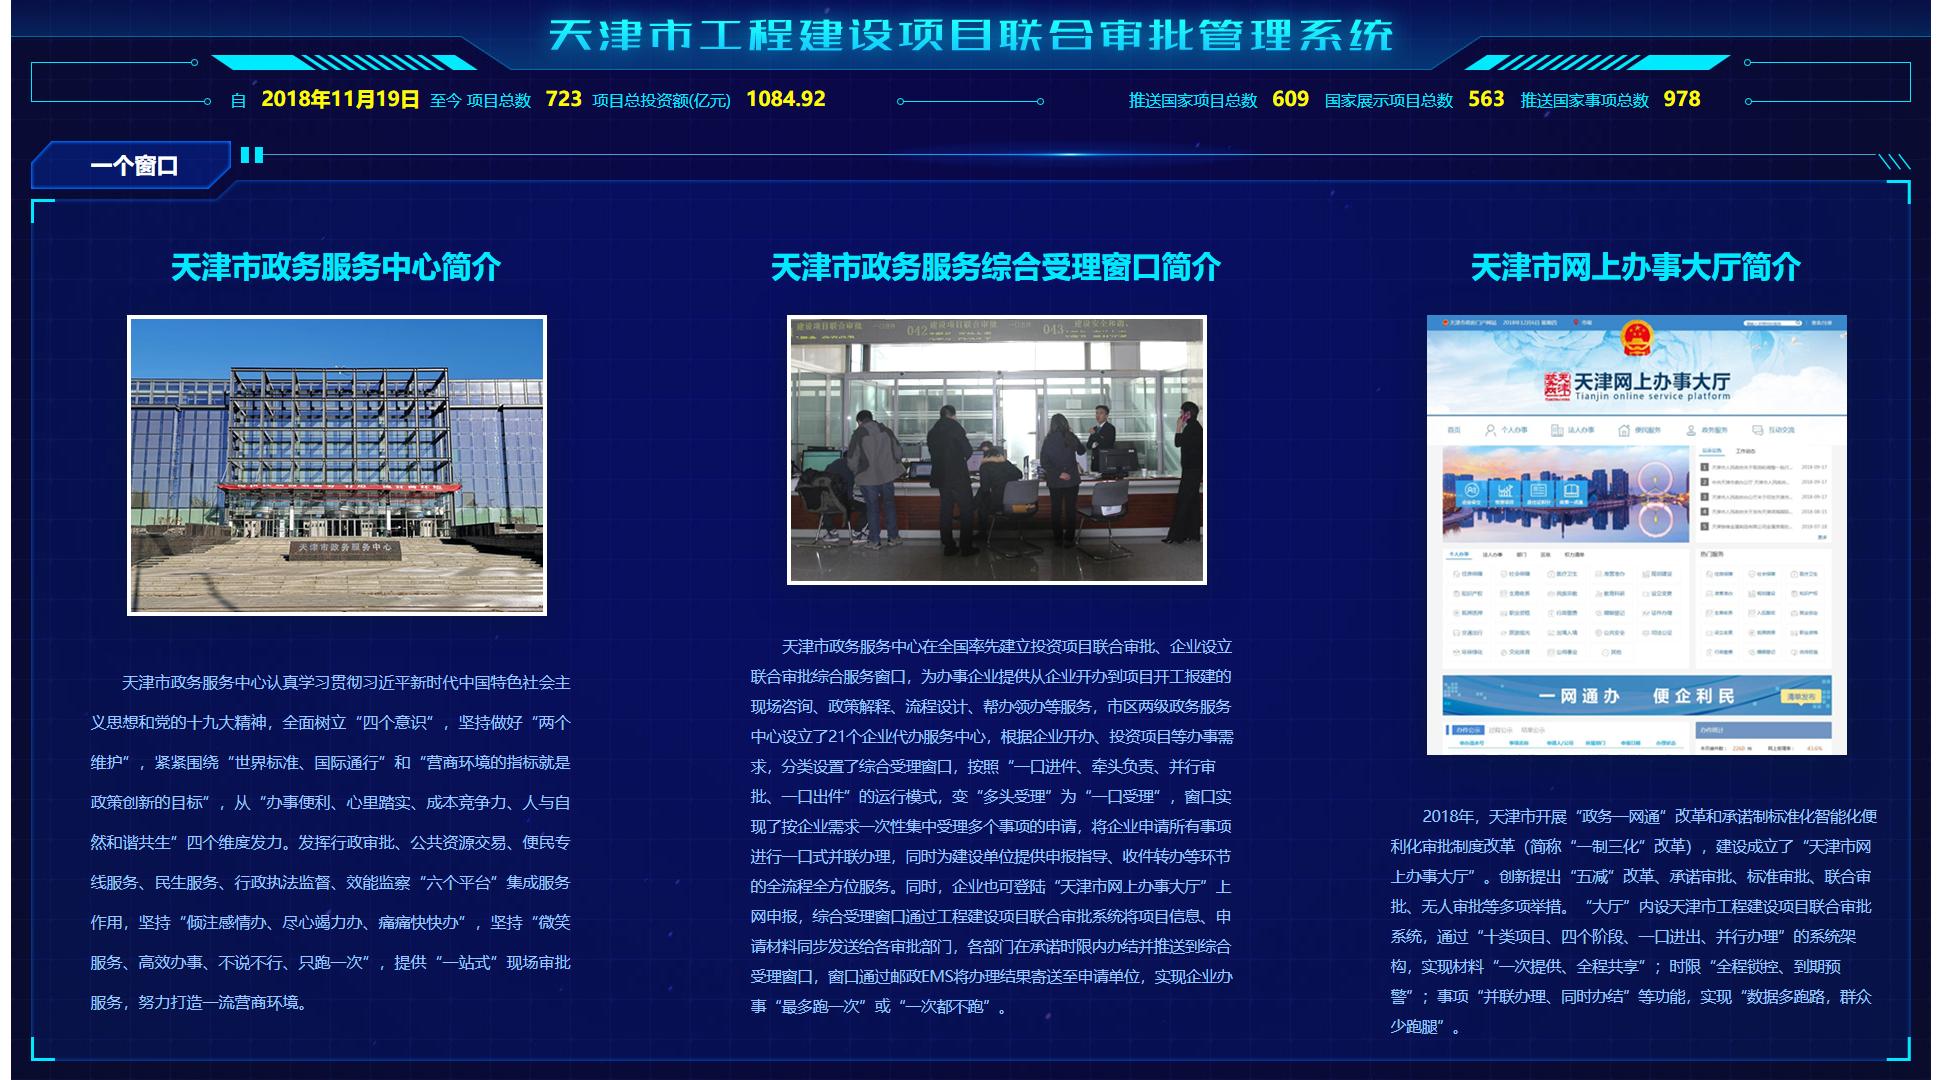 天津市工程建设项目联合审批管理系统_一个窗口.png